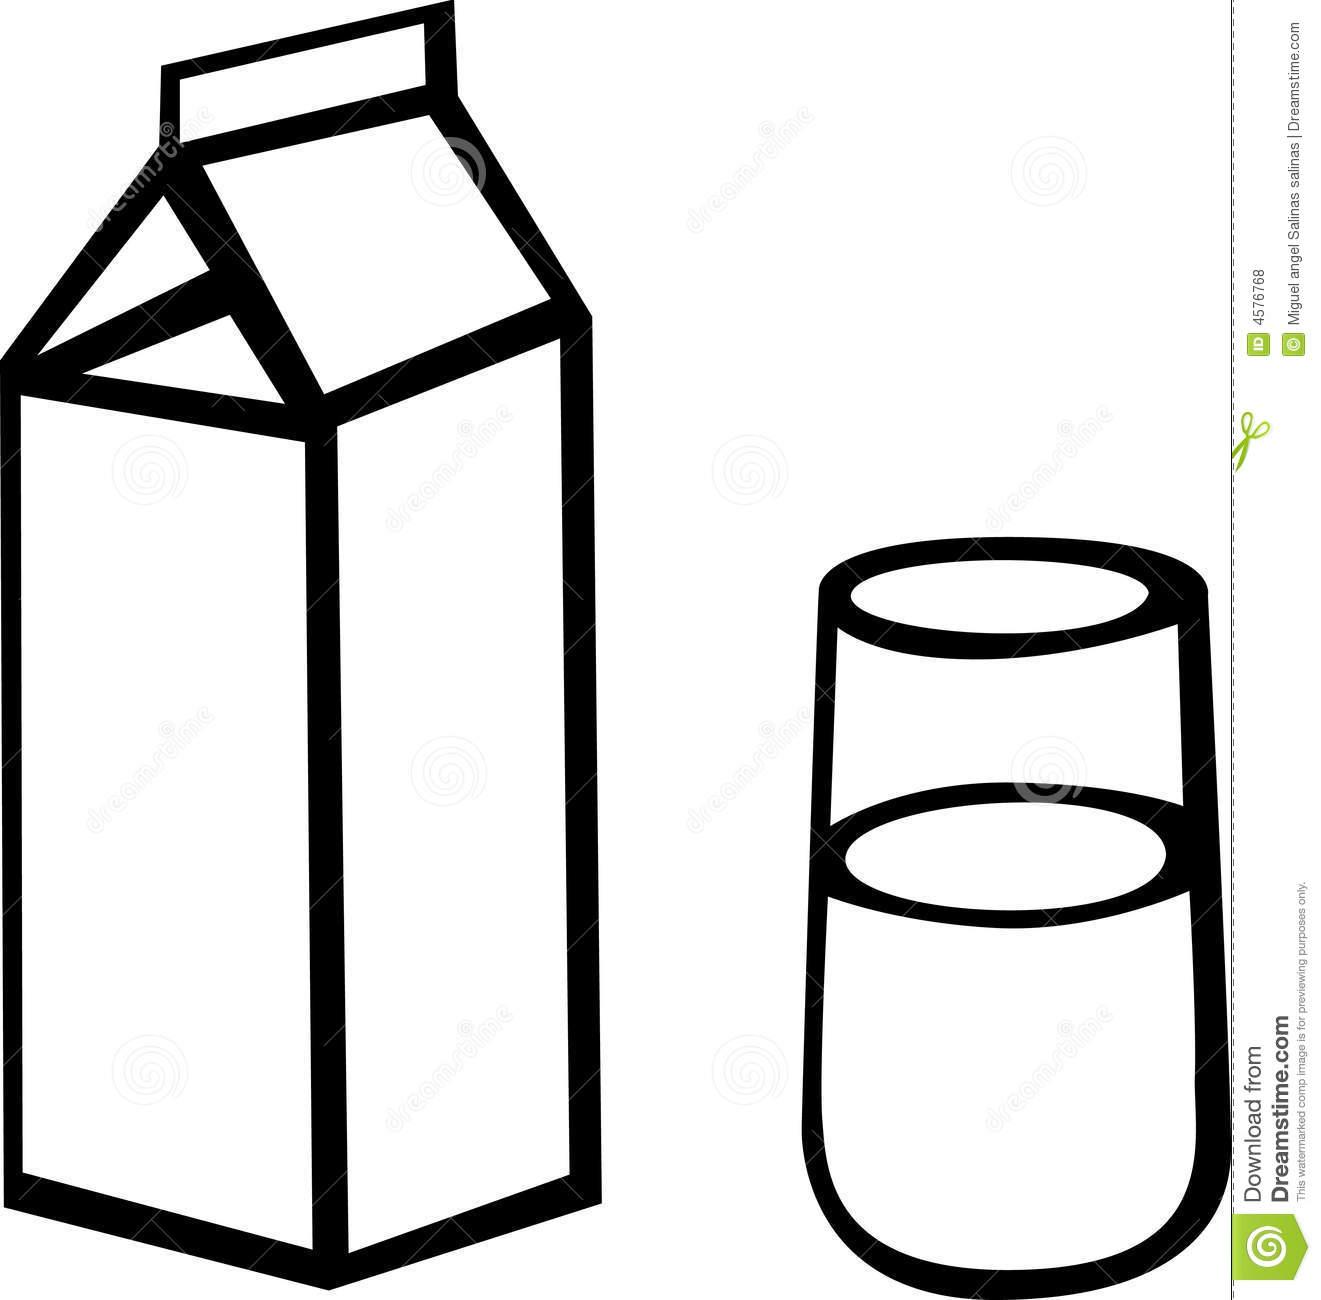 hight resolution of 1321x1300 milk jug clipart milk box